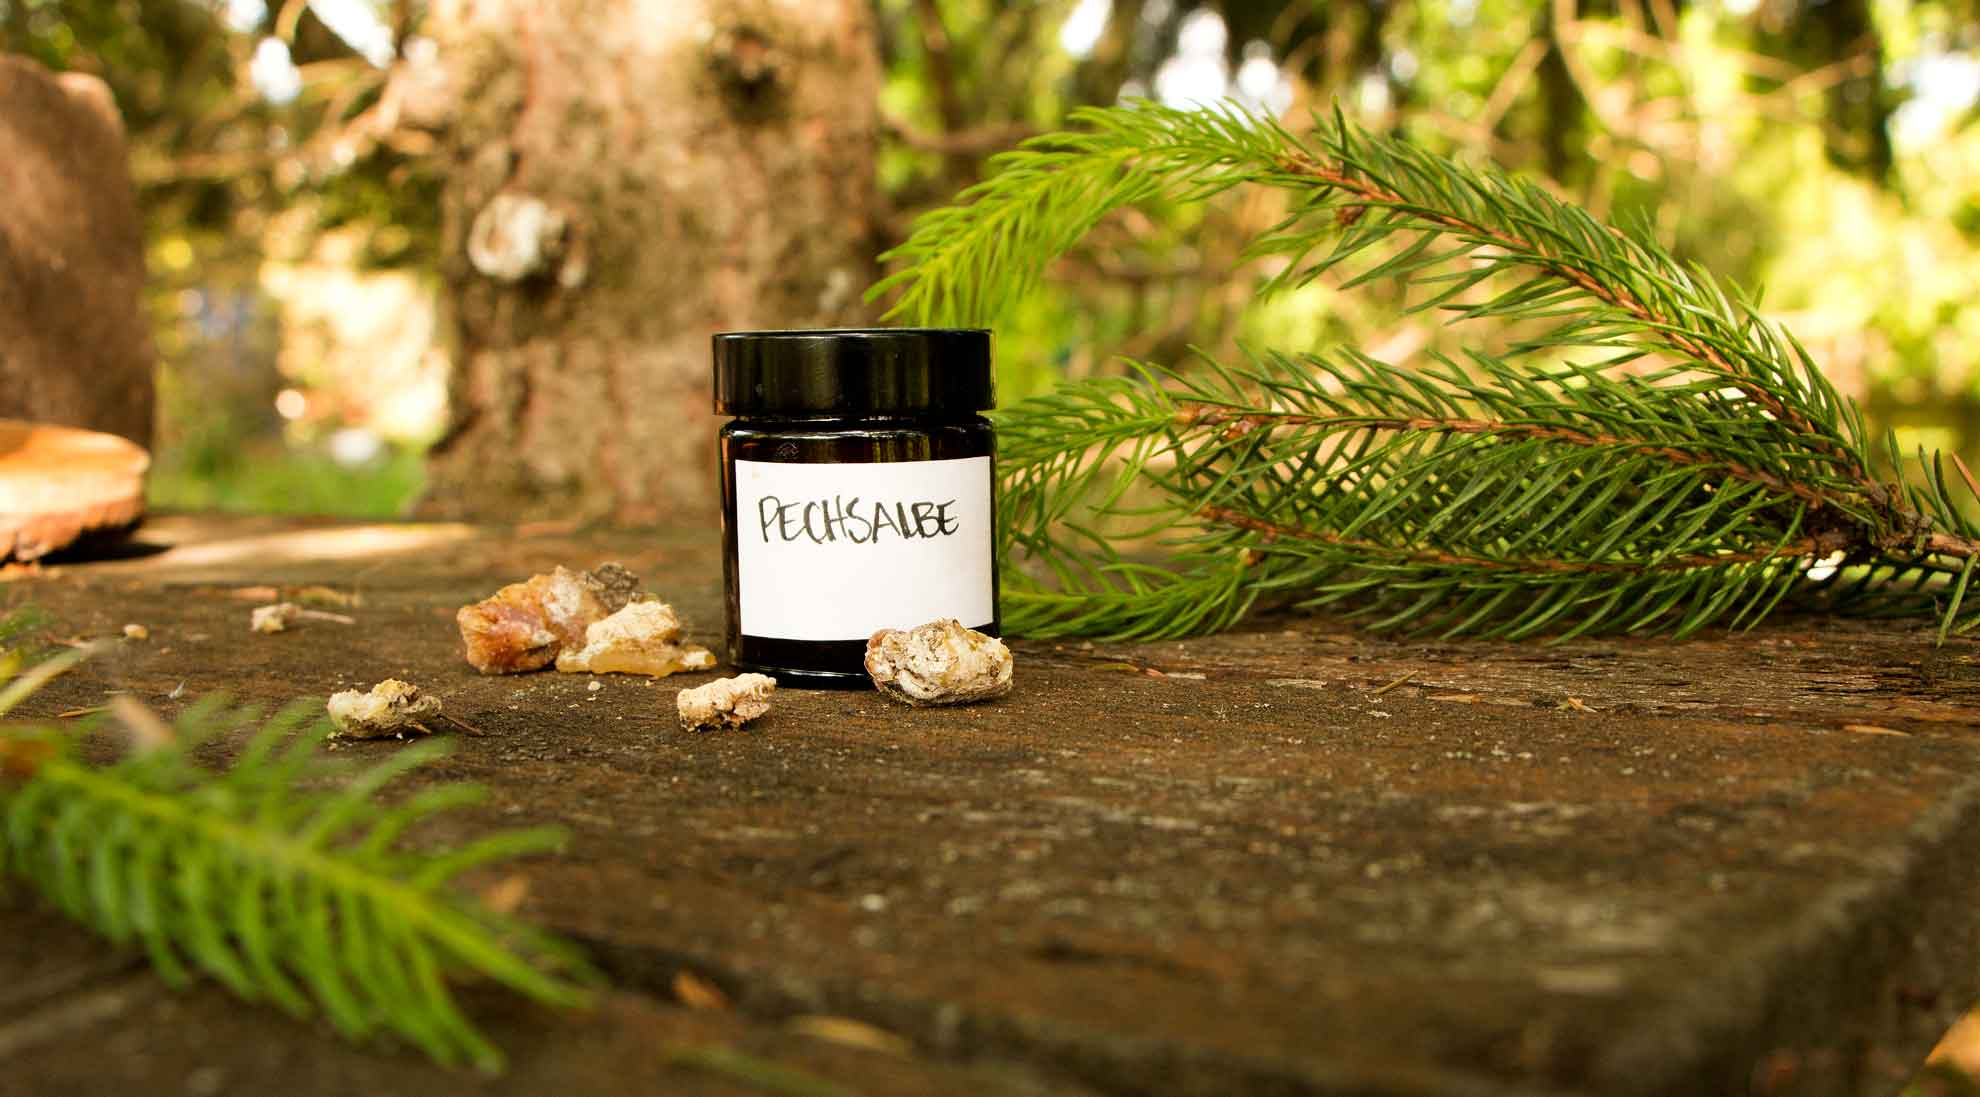 Herbal Hunter – Rezept für Pechsalbe selber herstellen